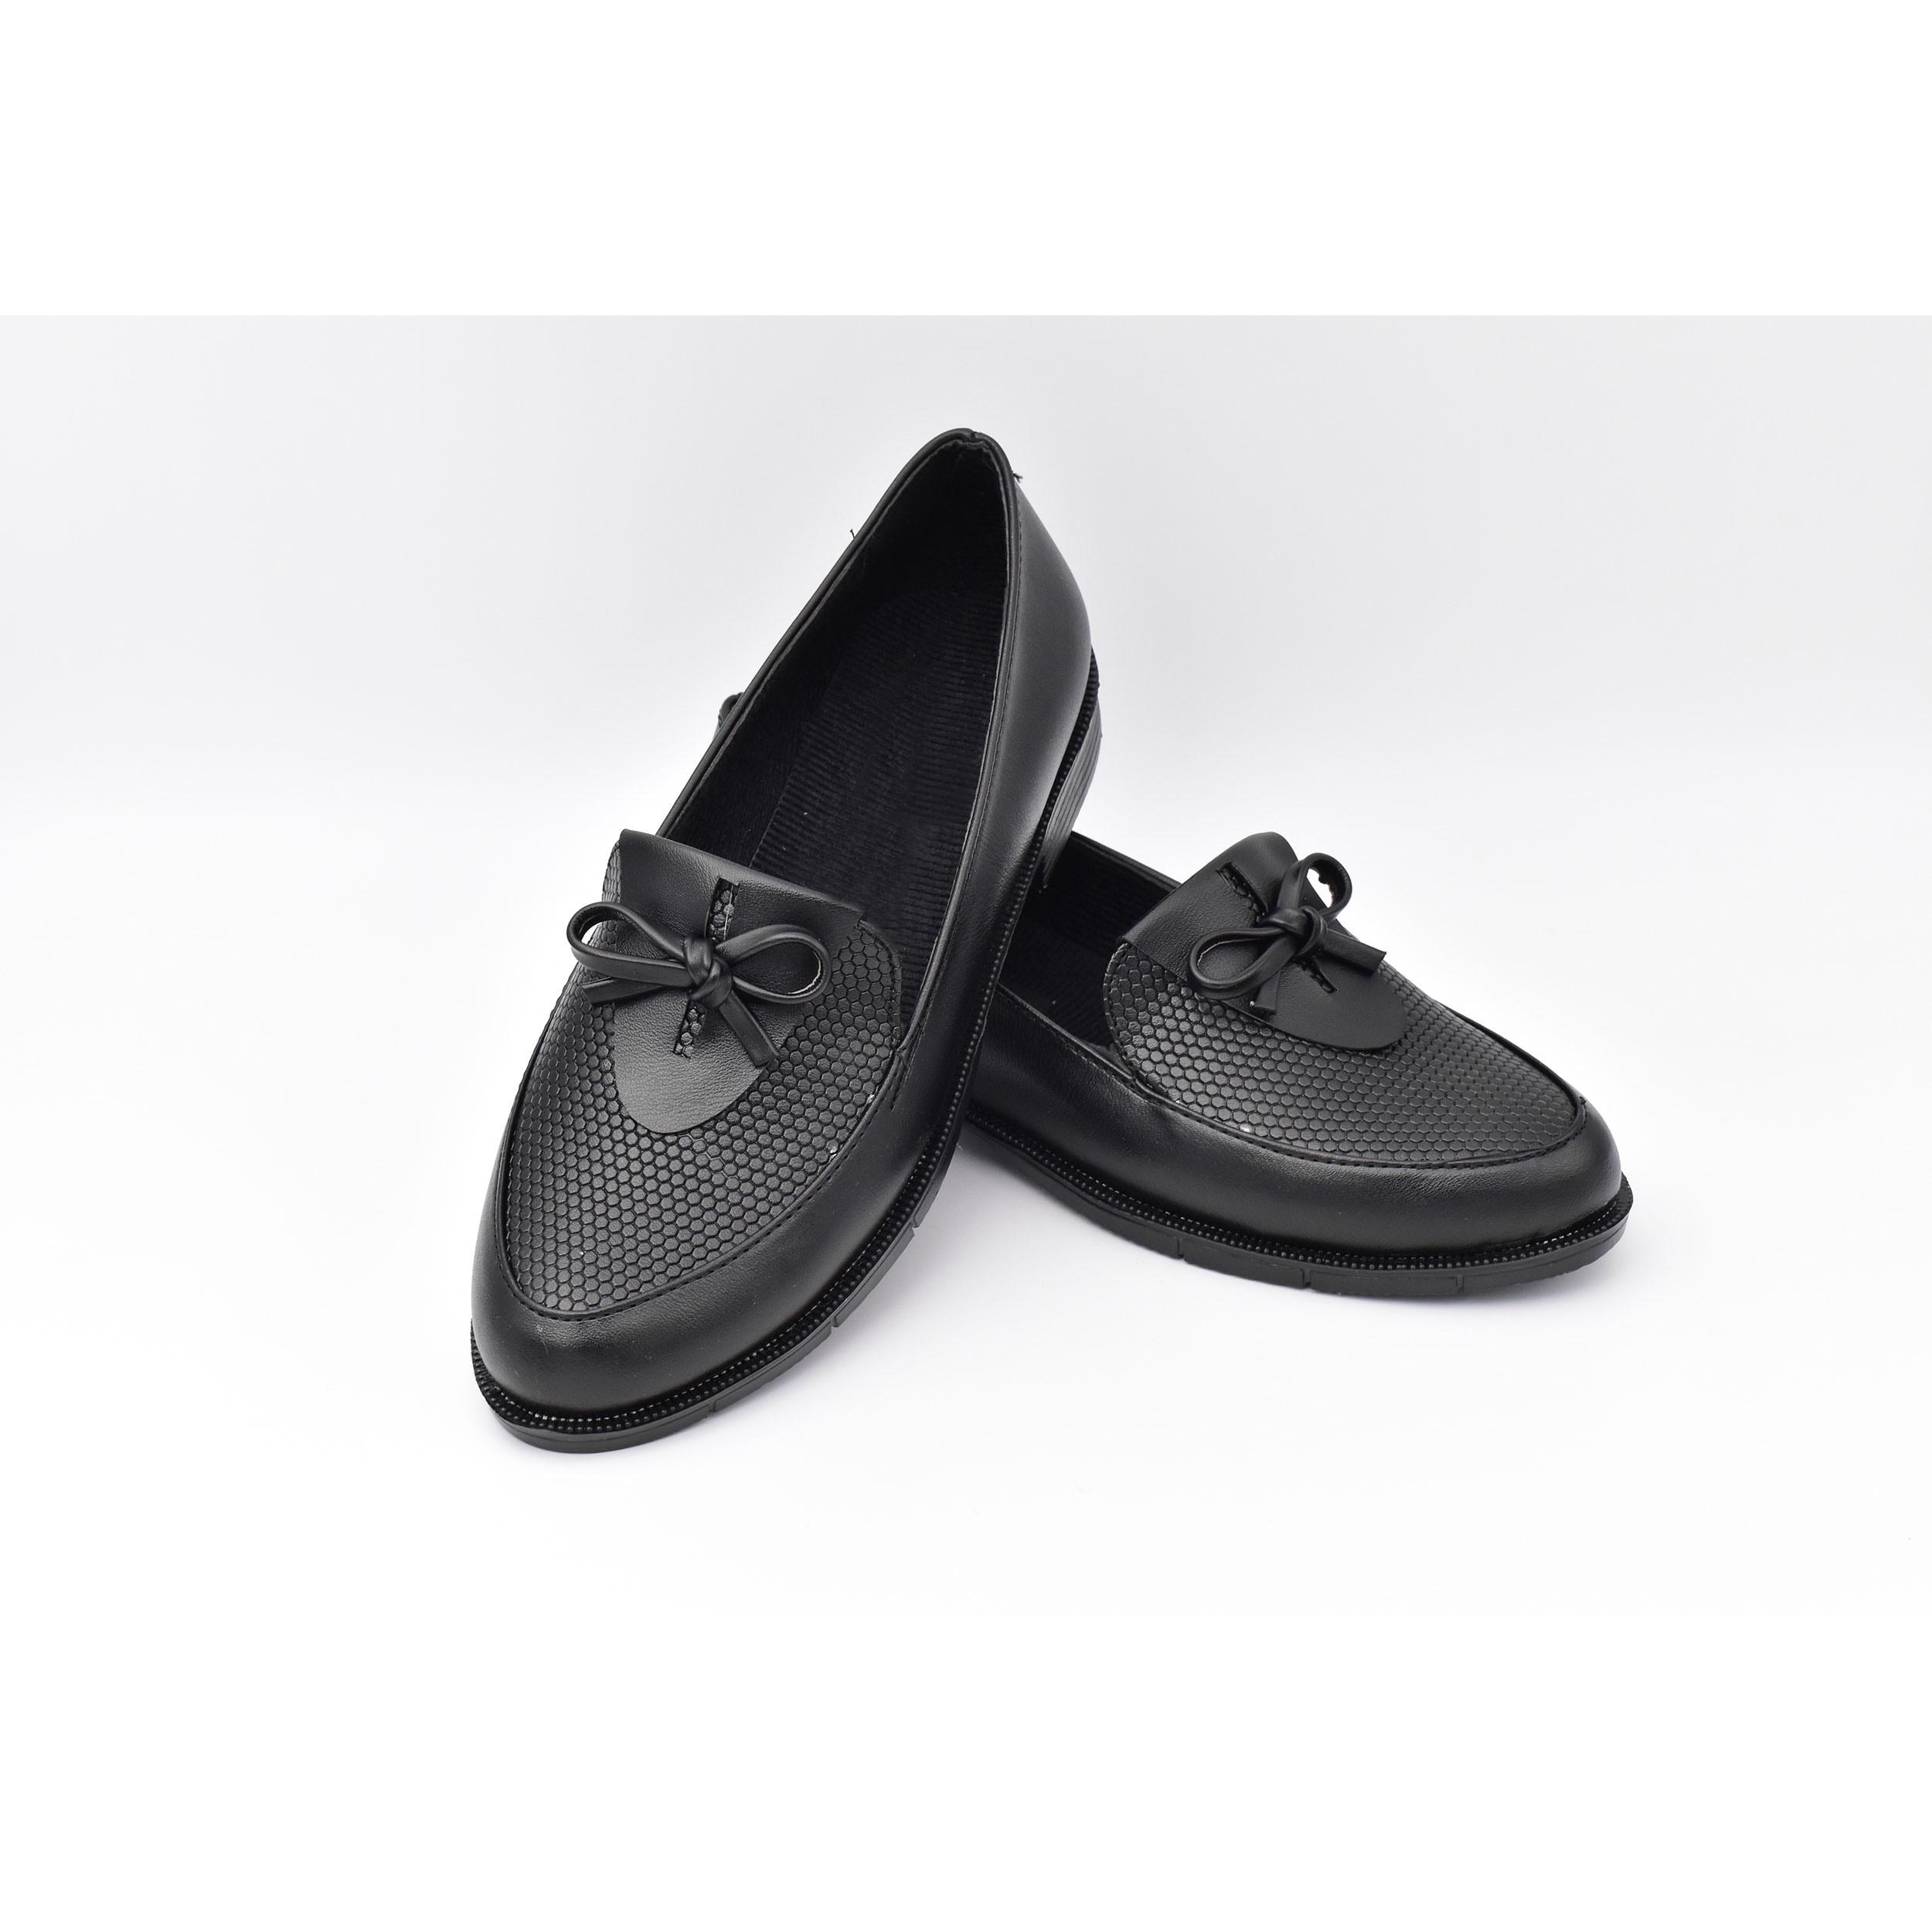 کفش زنانه مدل بیتا کد 7751 main 1 6